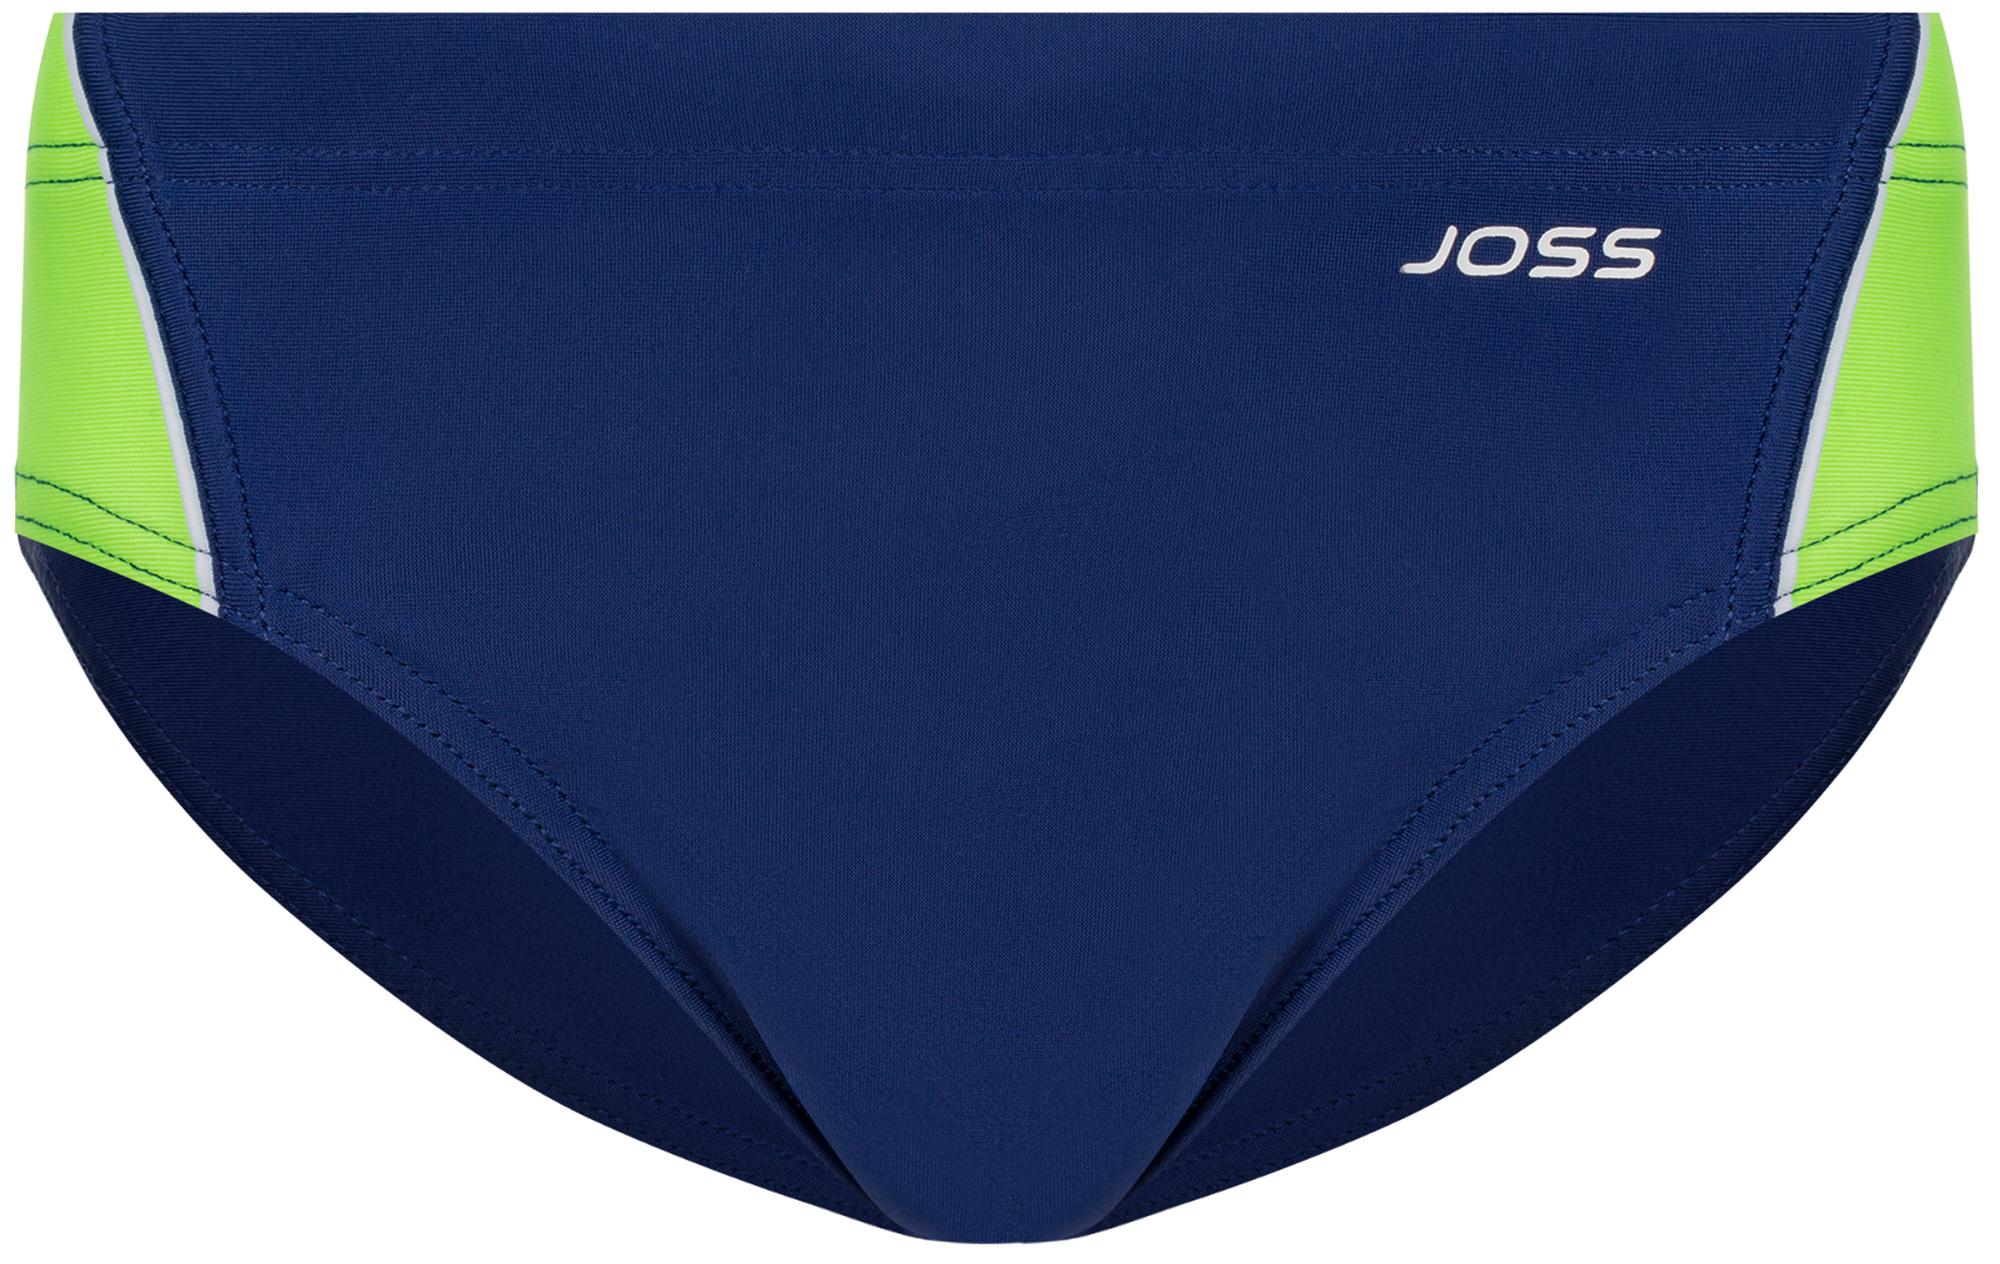 Joss Плавки для мальчиков Joss, размер 152 joss плавки для мальчиков joss размер 128